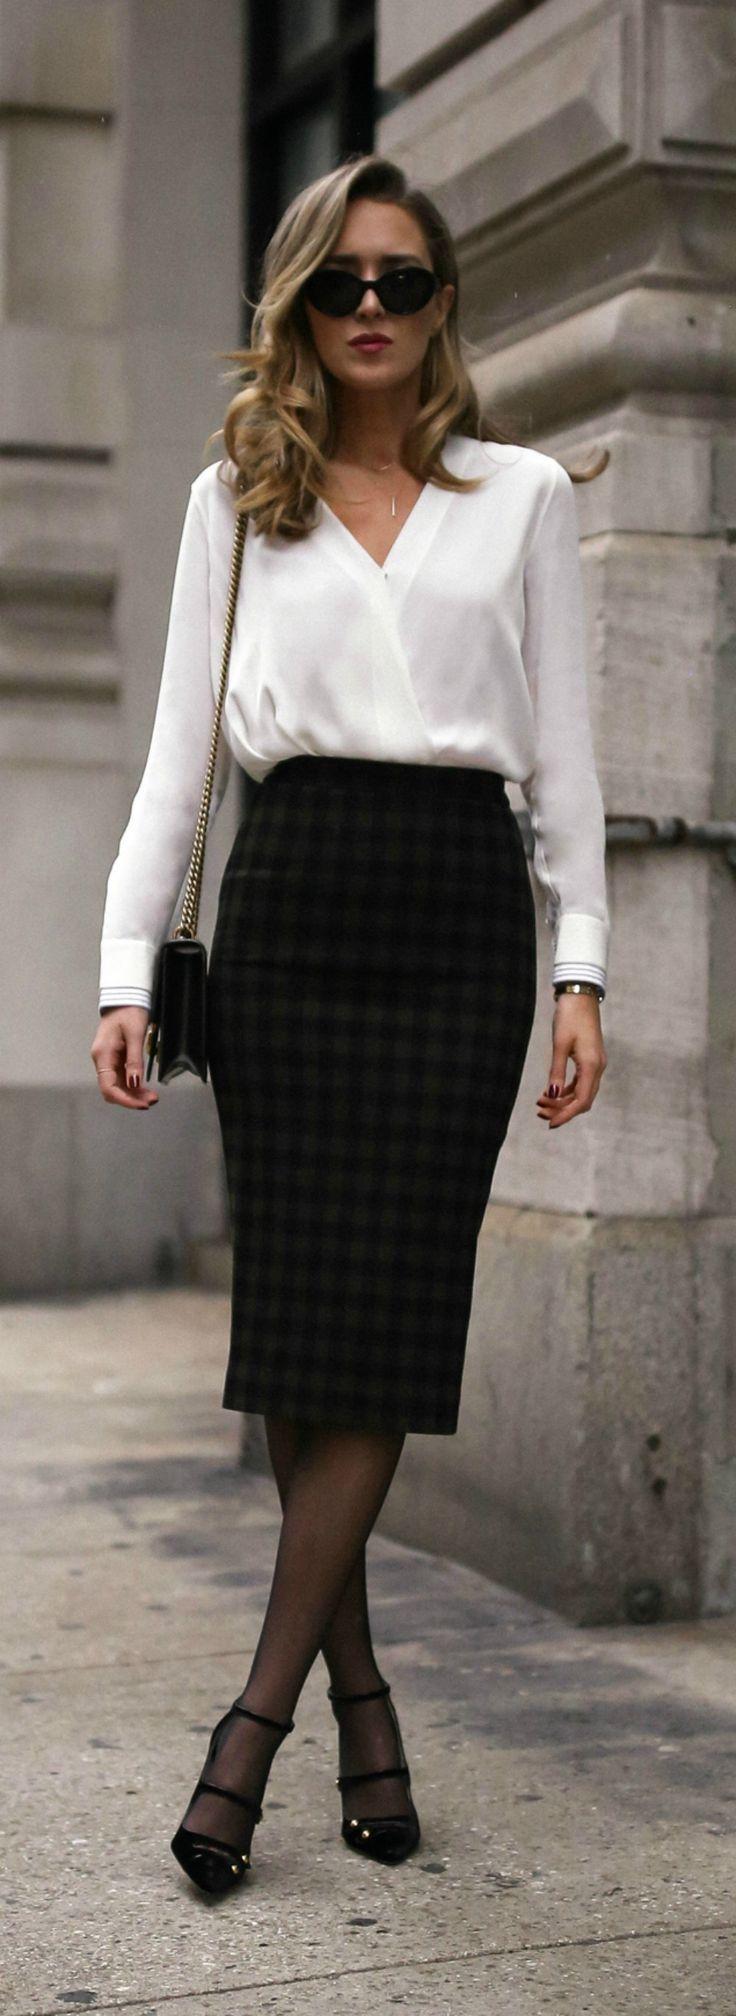 klick für outfit-details! klassische weiße bluse